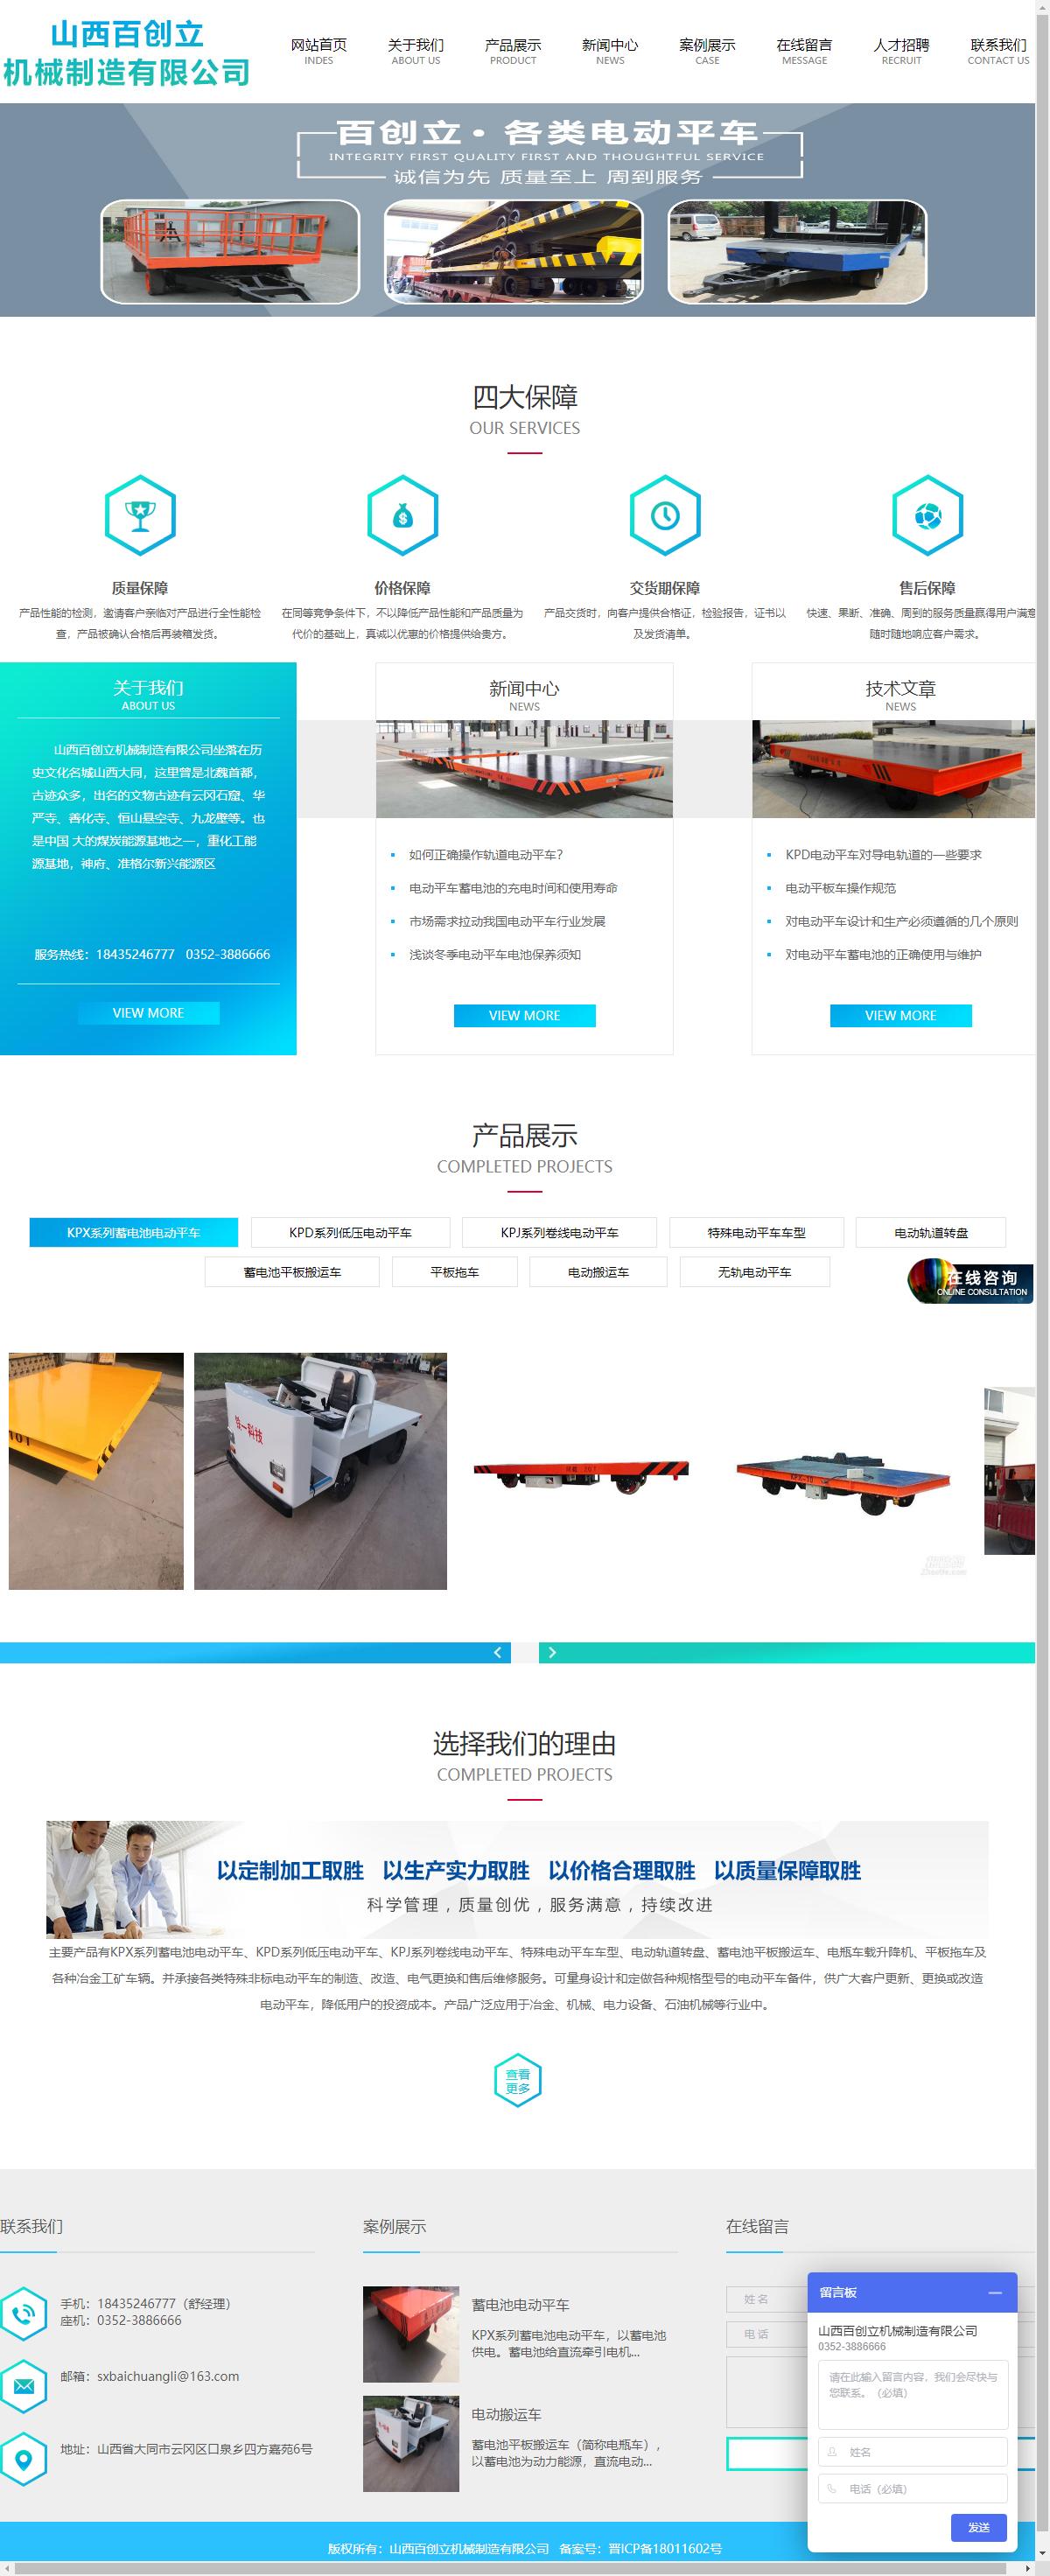 山西百创立机械制造有限公司网站案例